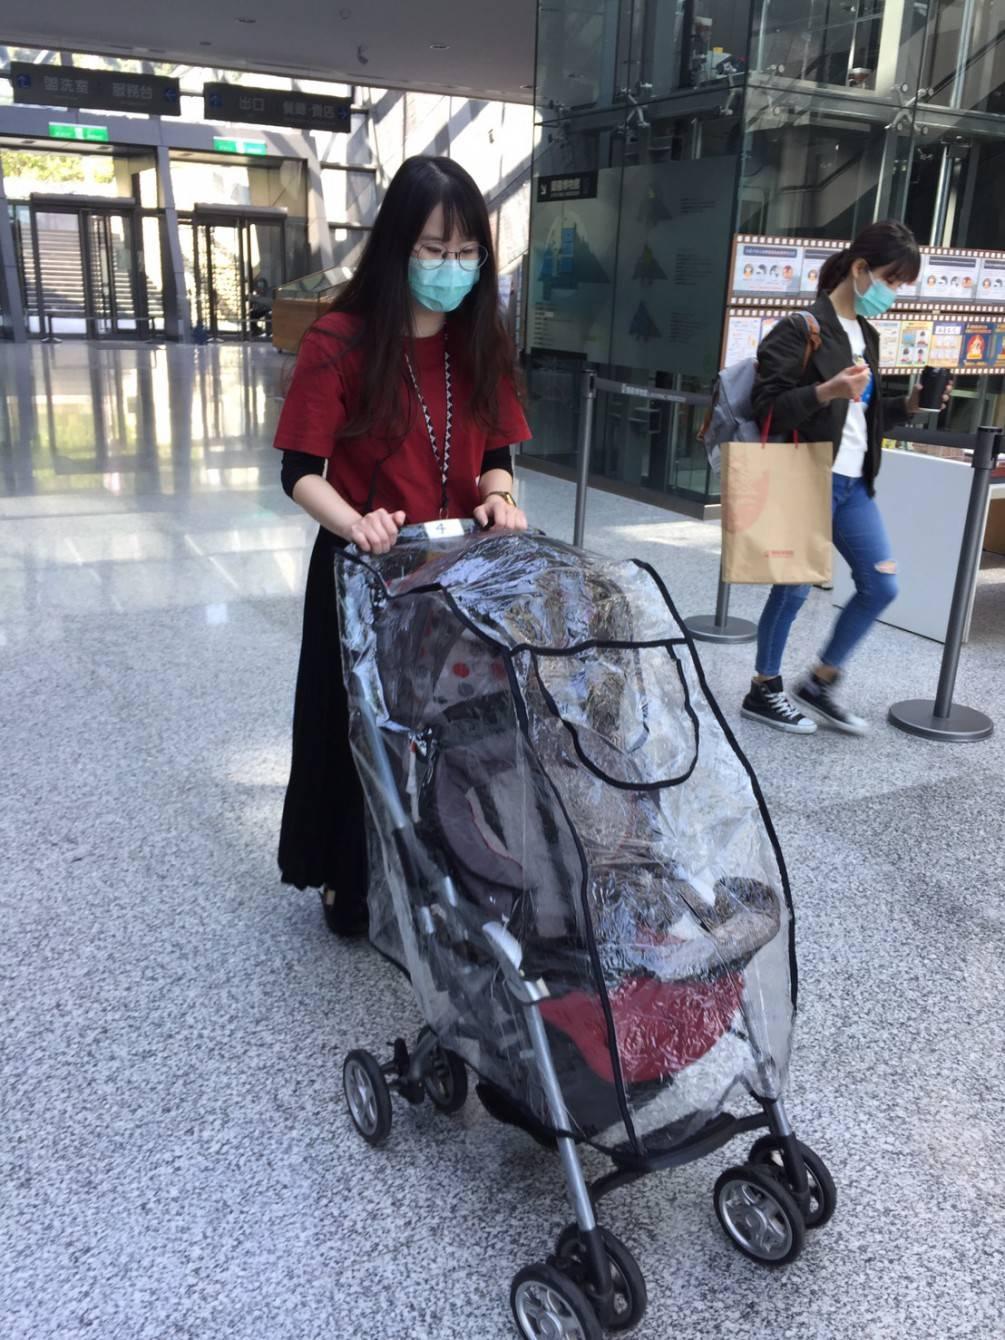 給寶寶更好的防護  蘭博提供嬰兒車透明防護罩